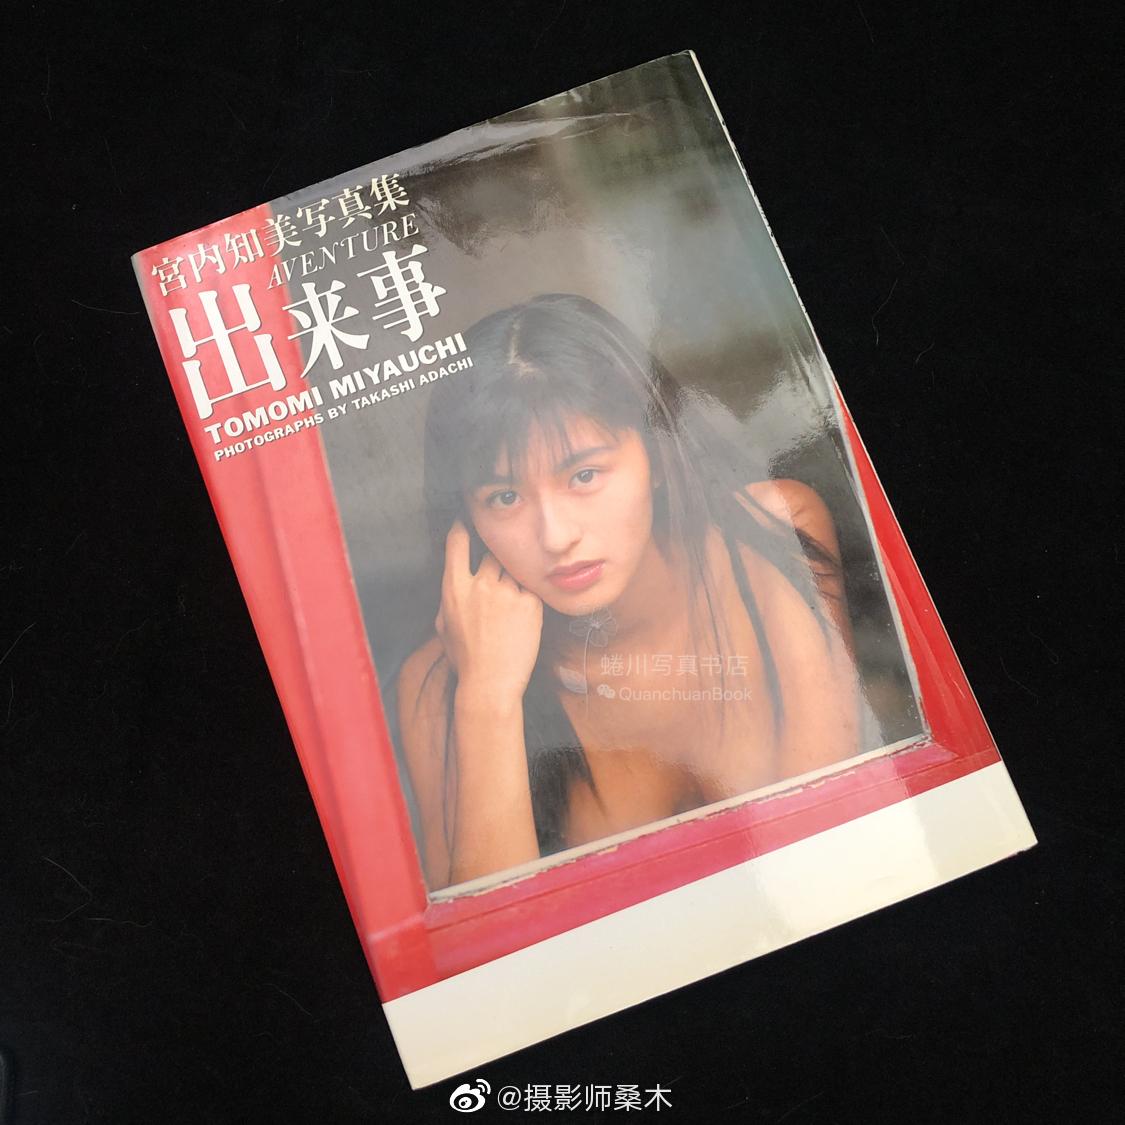 宫内知美写真集,日本女演员,代表作品《恶作剧之吻》